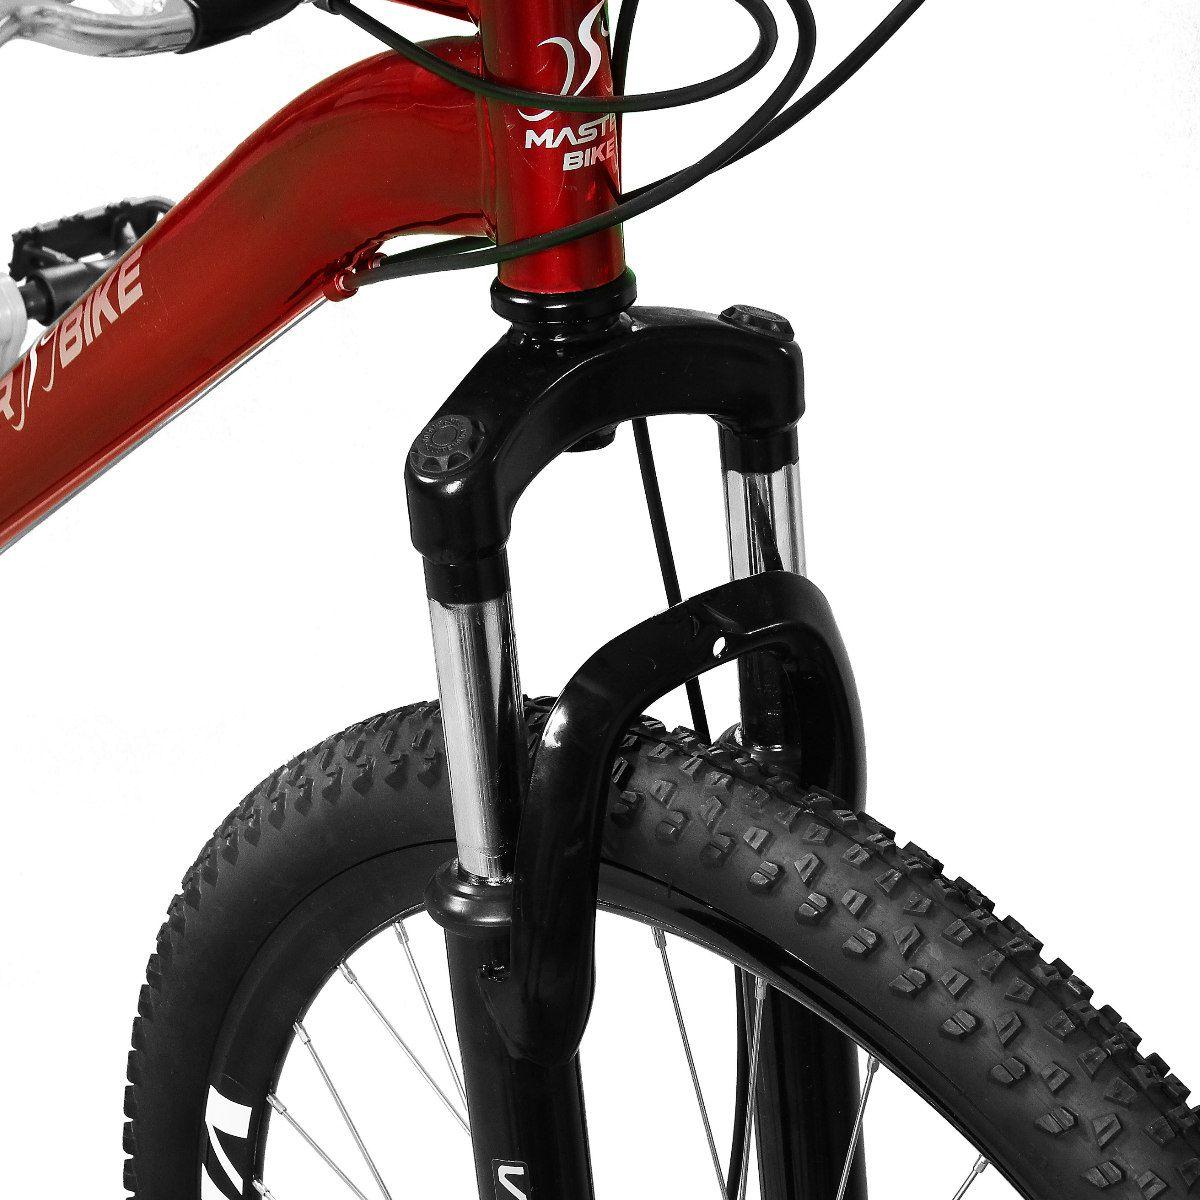 Bicicleta Master Bike Aro 29 Ciclone Plus 21 Marchas Freio à Disco Vermelho